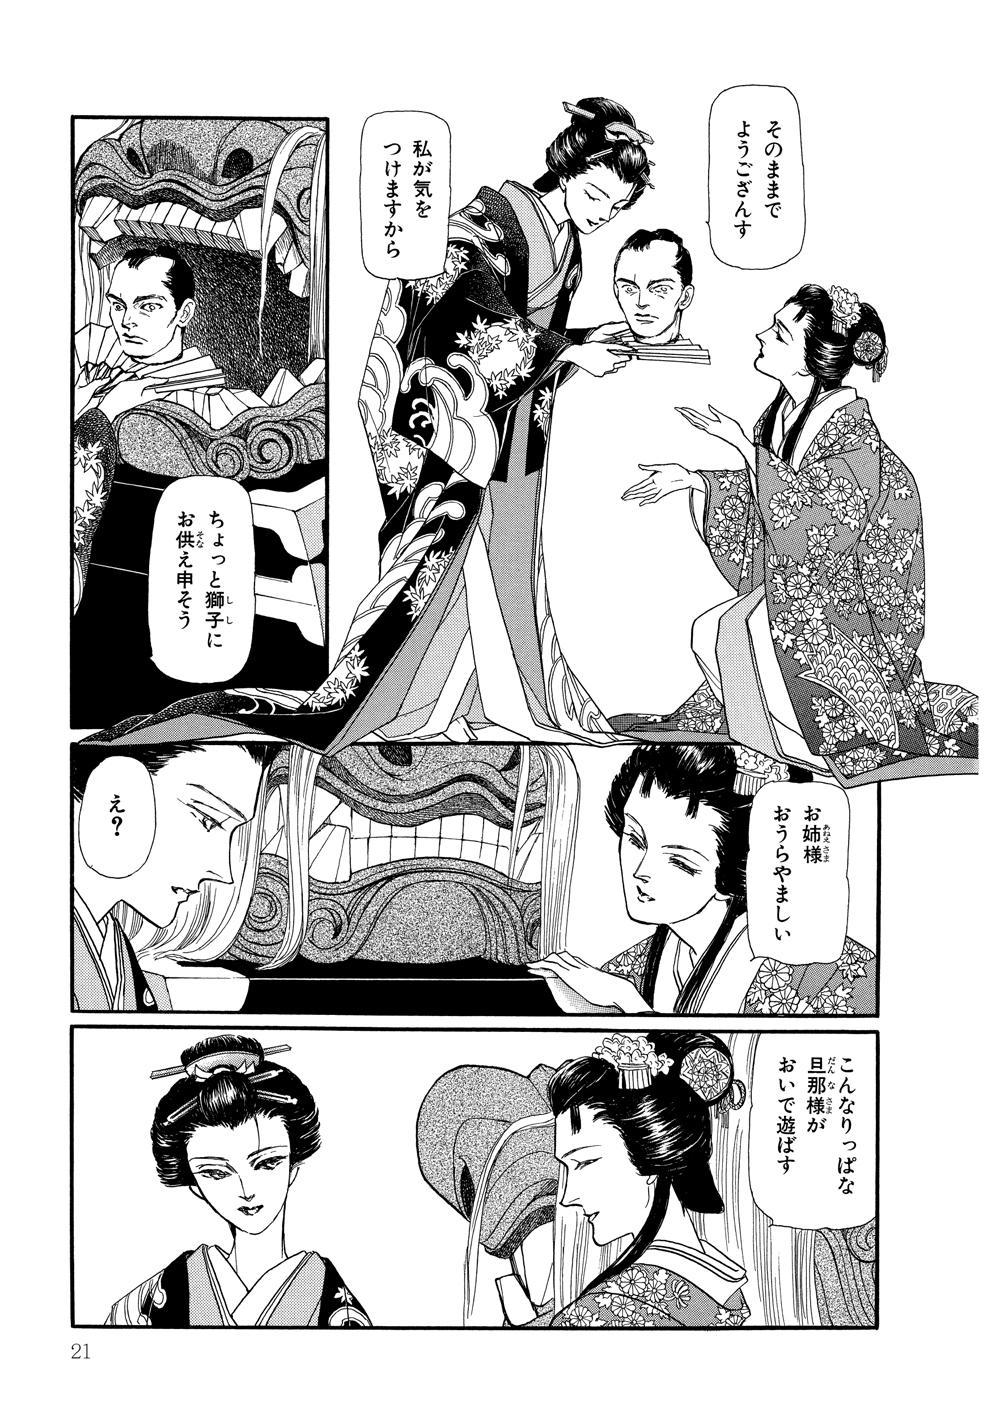 鏡花夢幻01_021.jpg